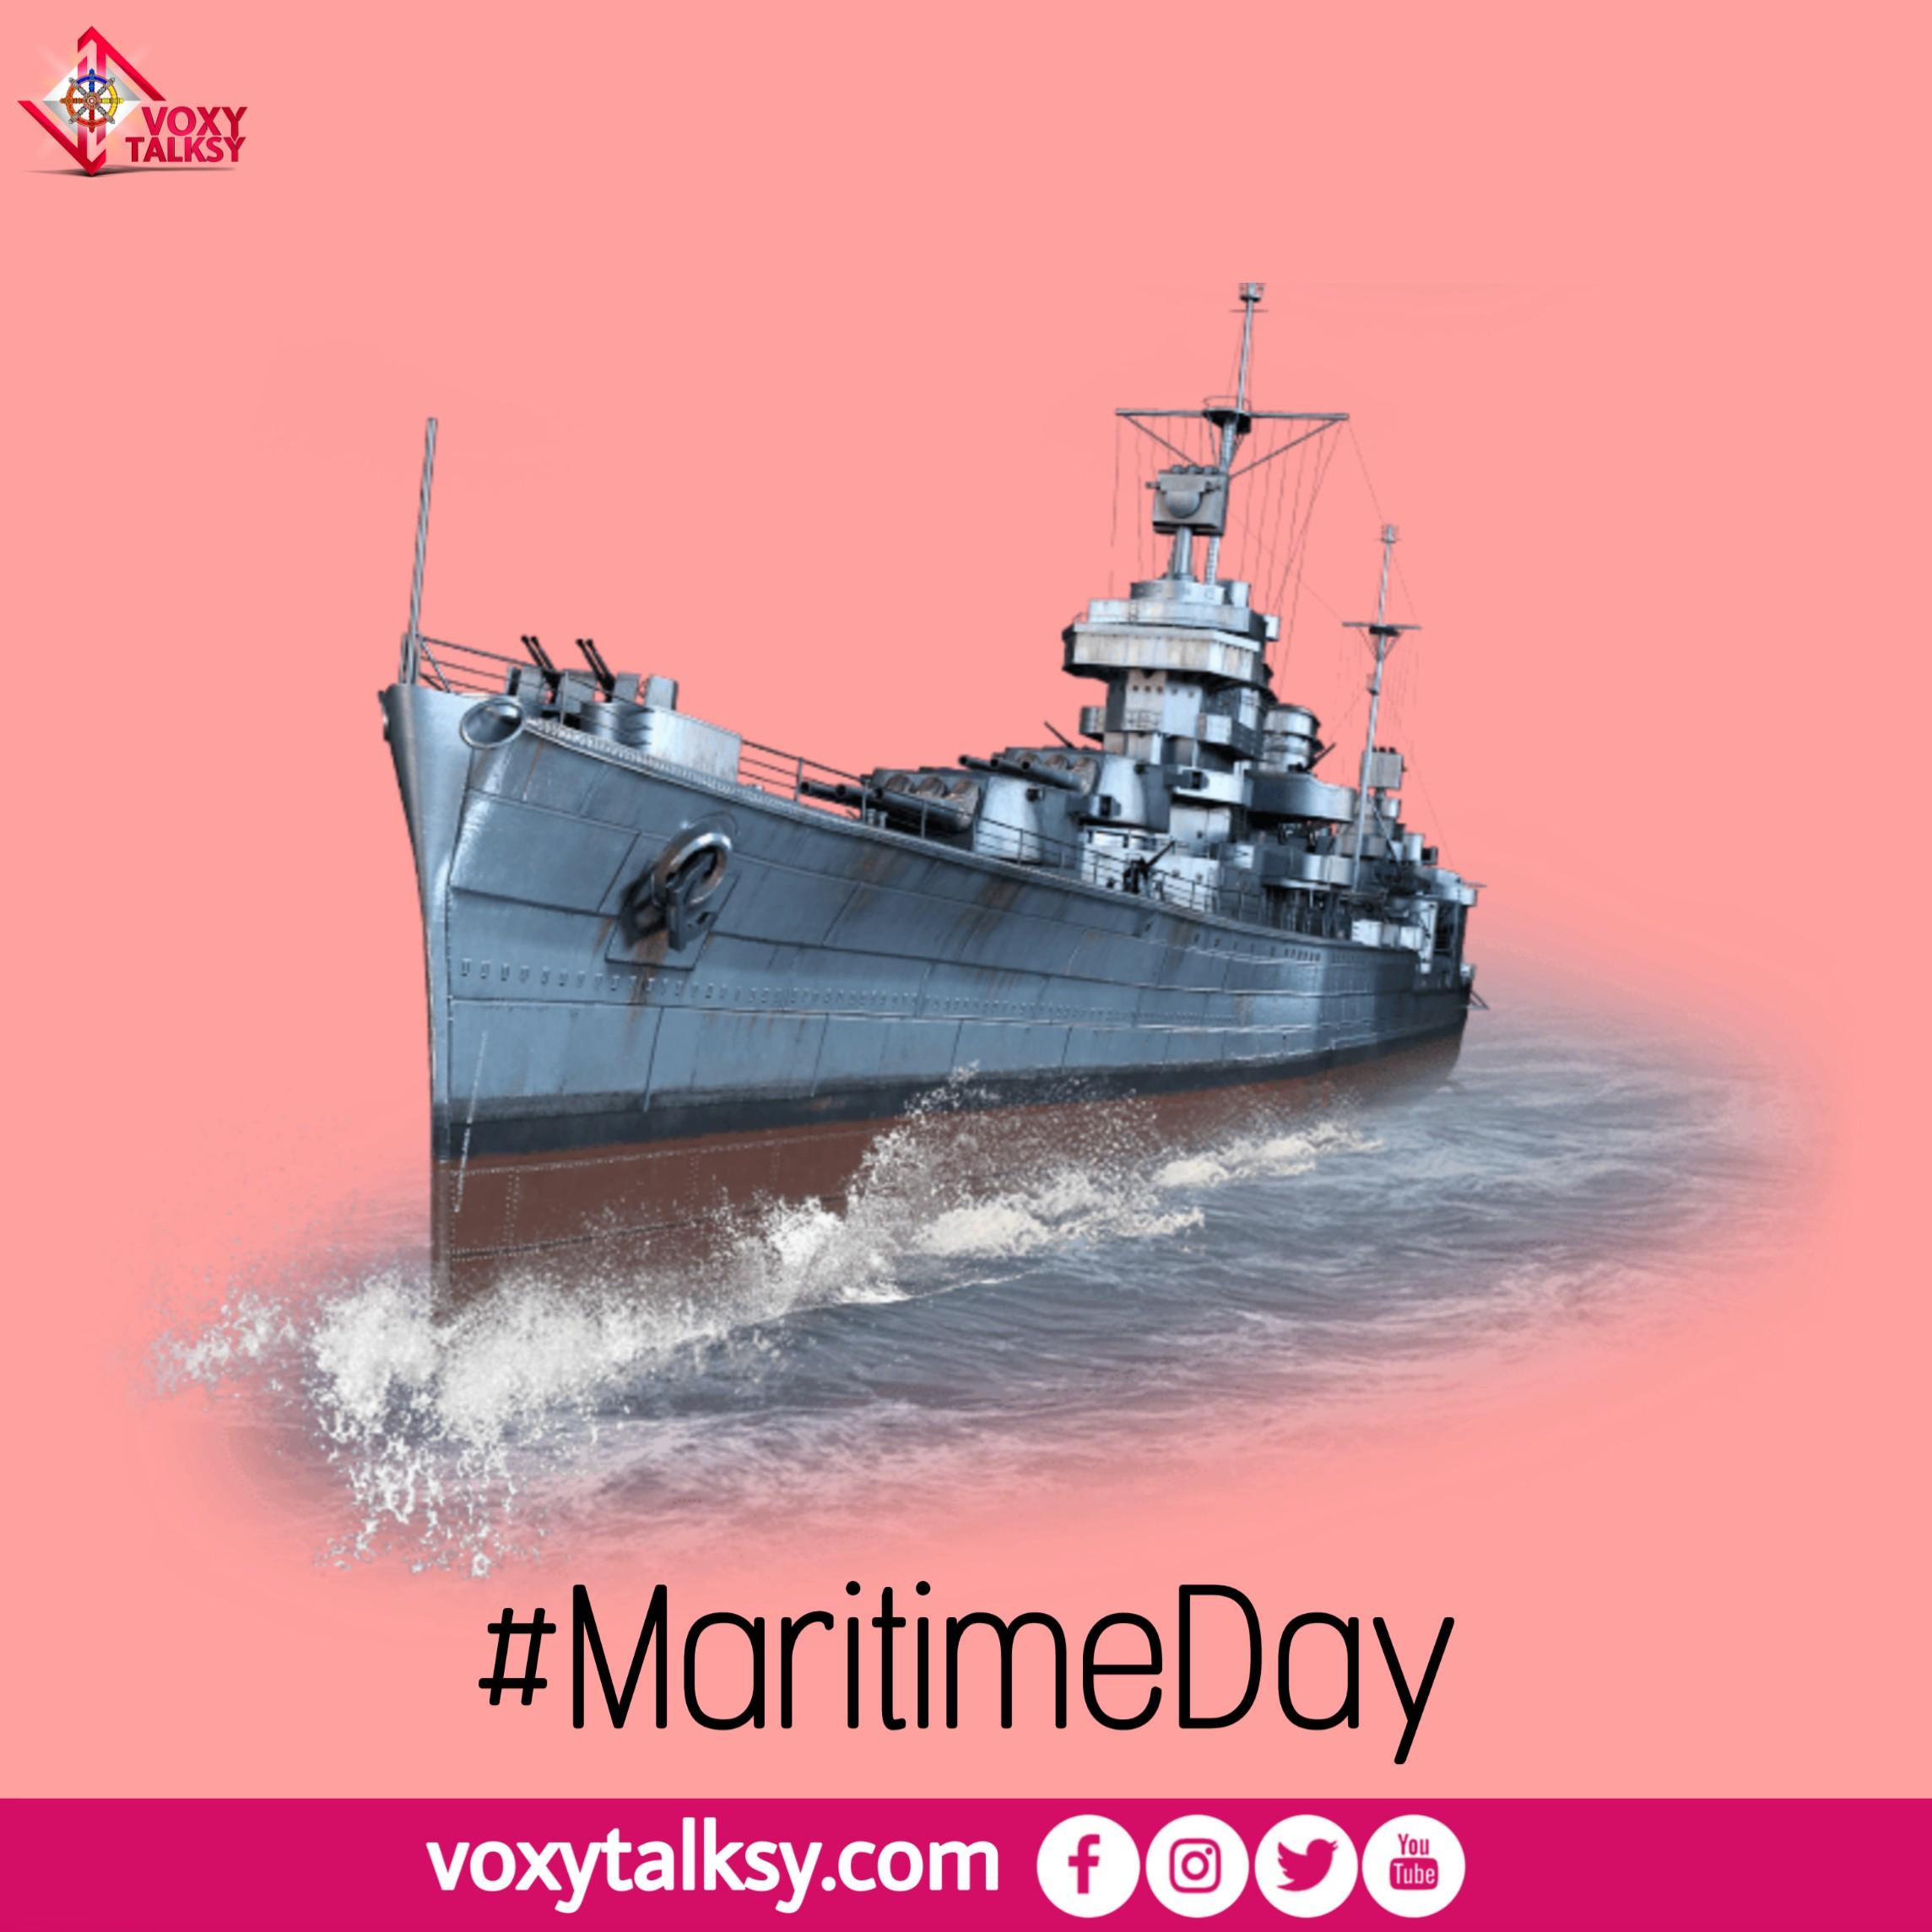 World Maritime Day 2020 | VoxyTalksy